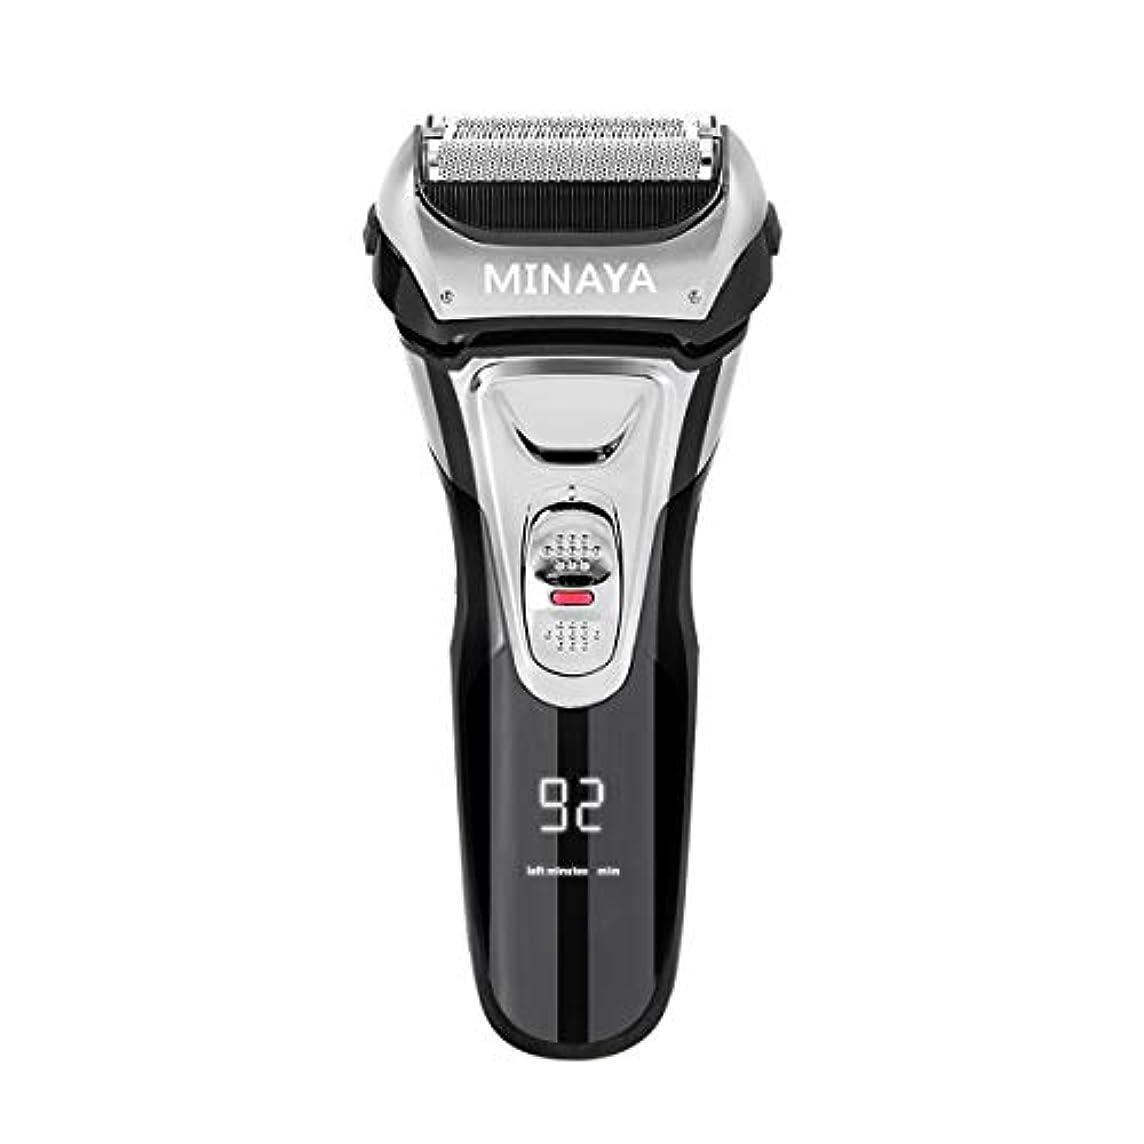 円形母卵電気シェーバー メンズ シェーバー 往復式 3枚刃 髭剃り 電動 カミソリ LEDディスプレイ USB充電式 IPX7防水 水洗い/お風呂剃り対応